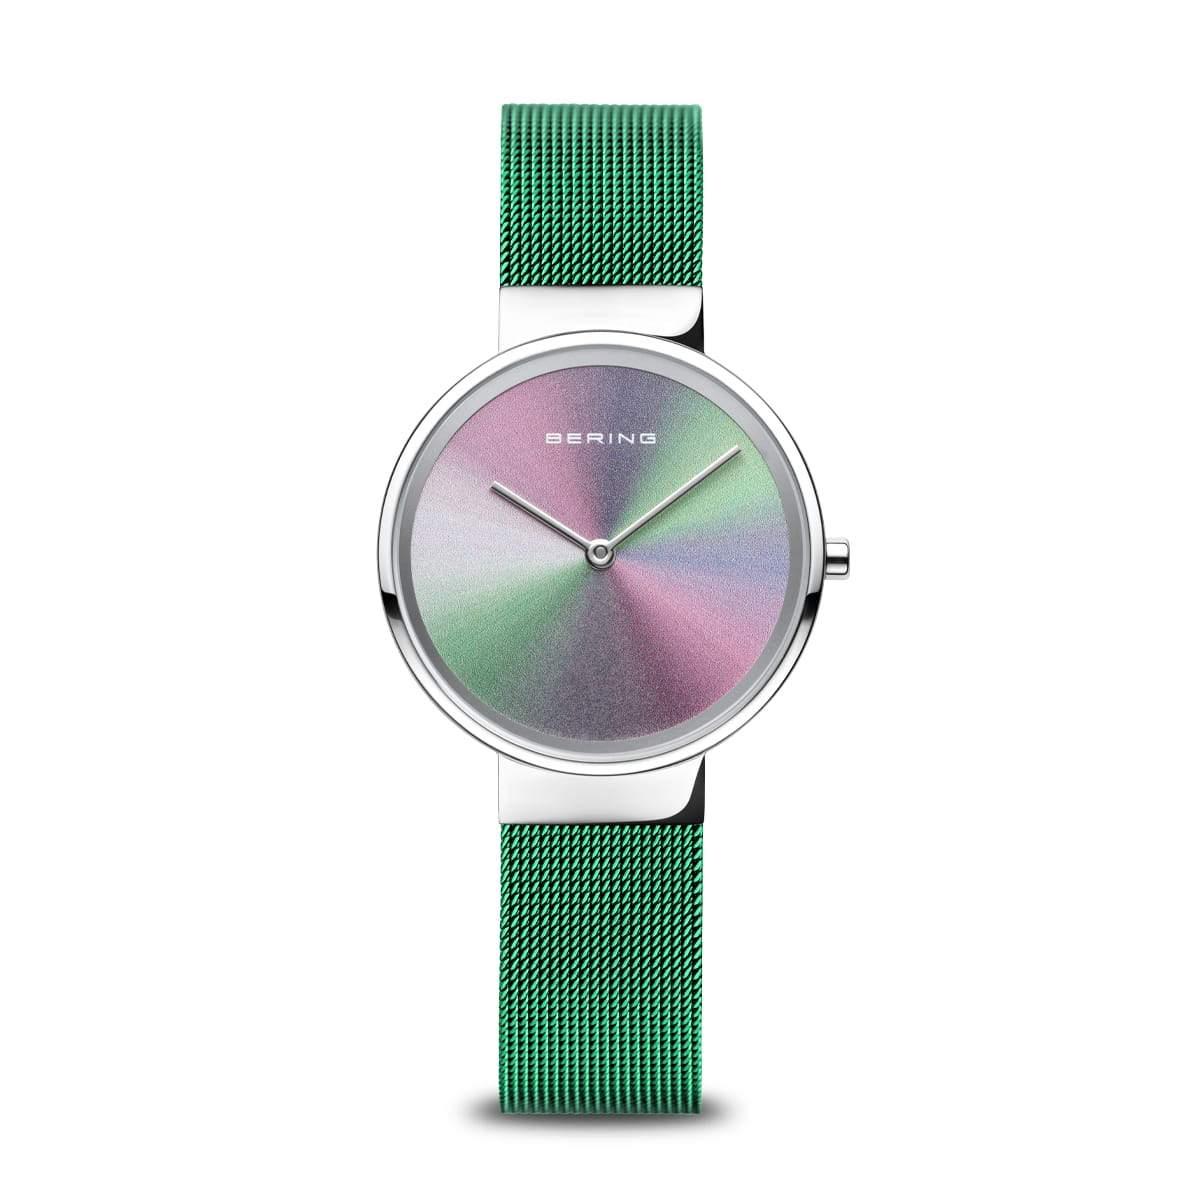 Bering Reloj Aniversario de mujer con esfera multicolor tornasolada y brazalete en verde